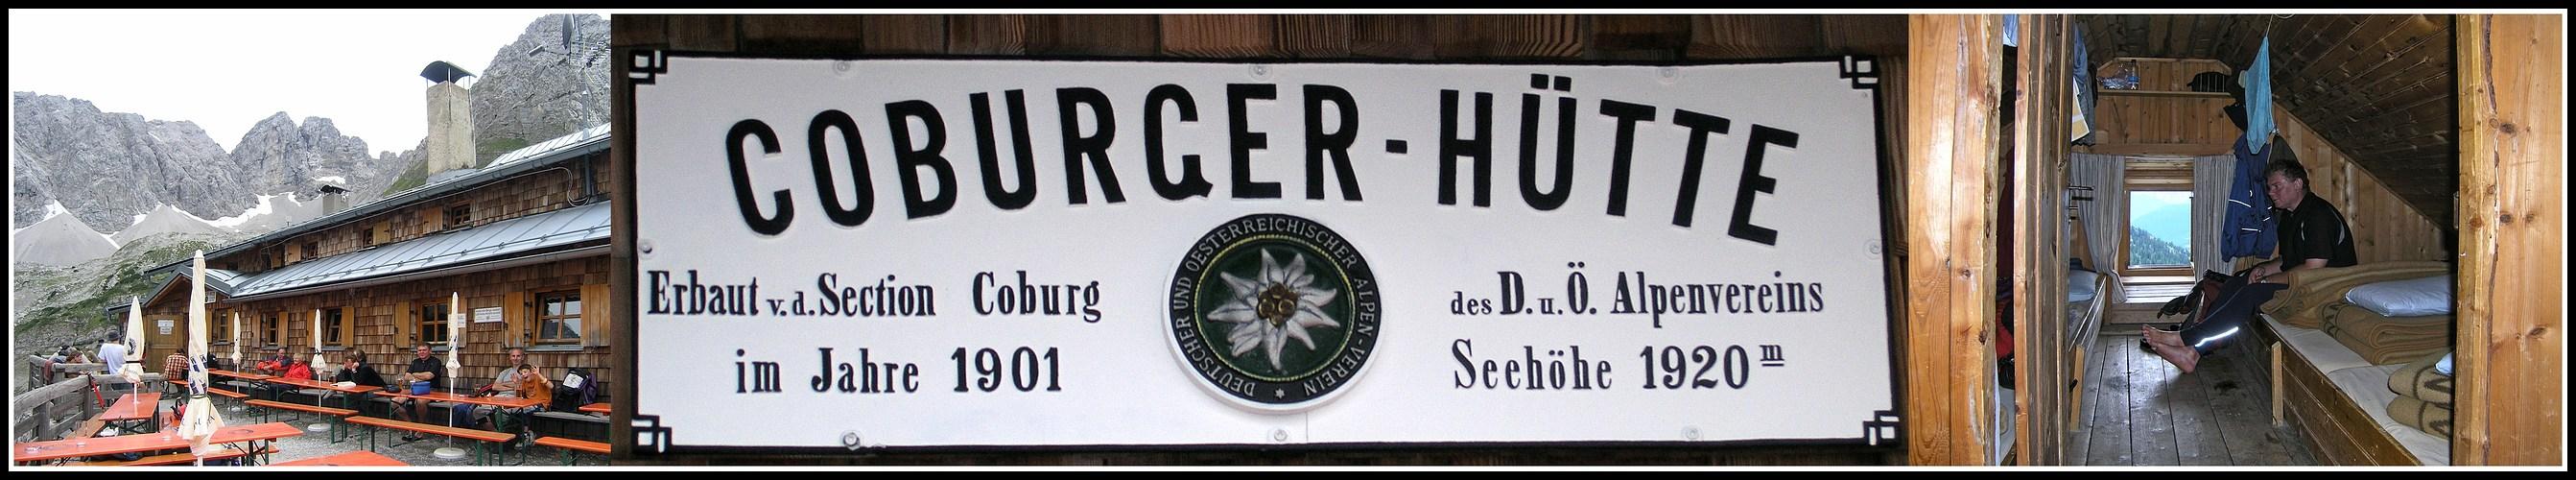 Coburger-Hütte